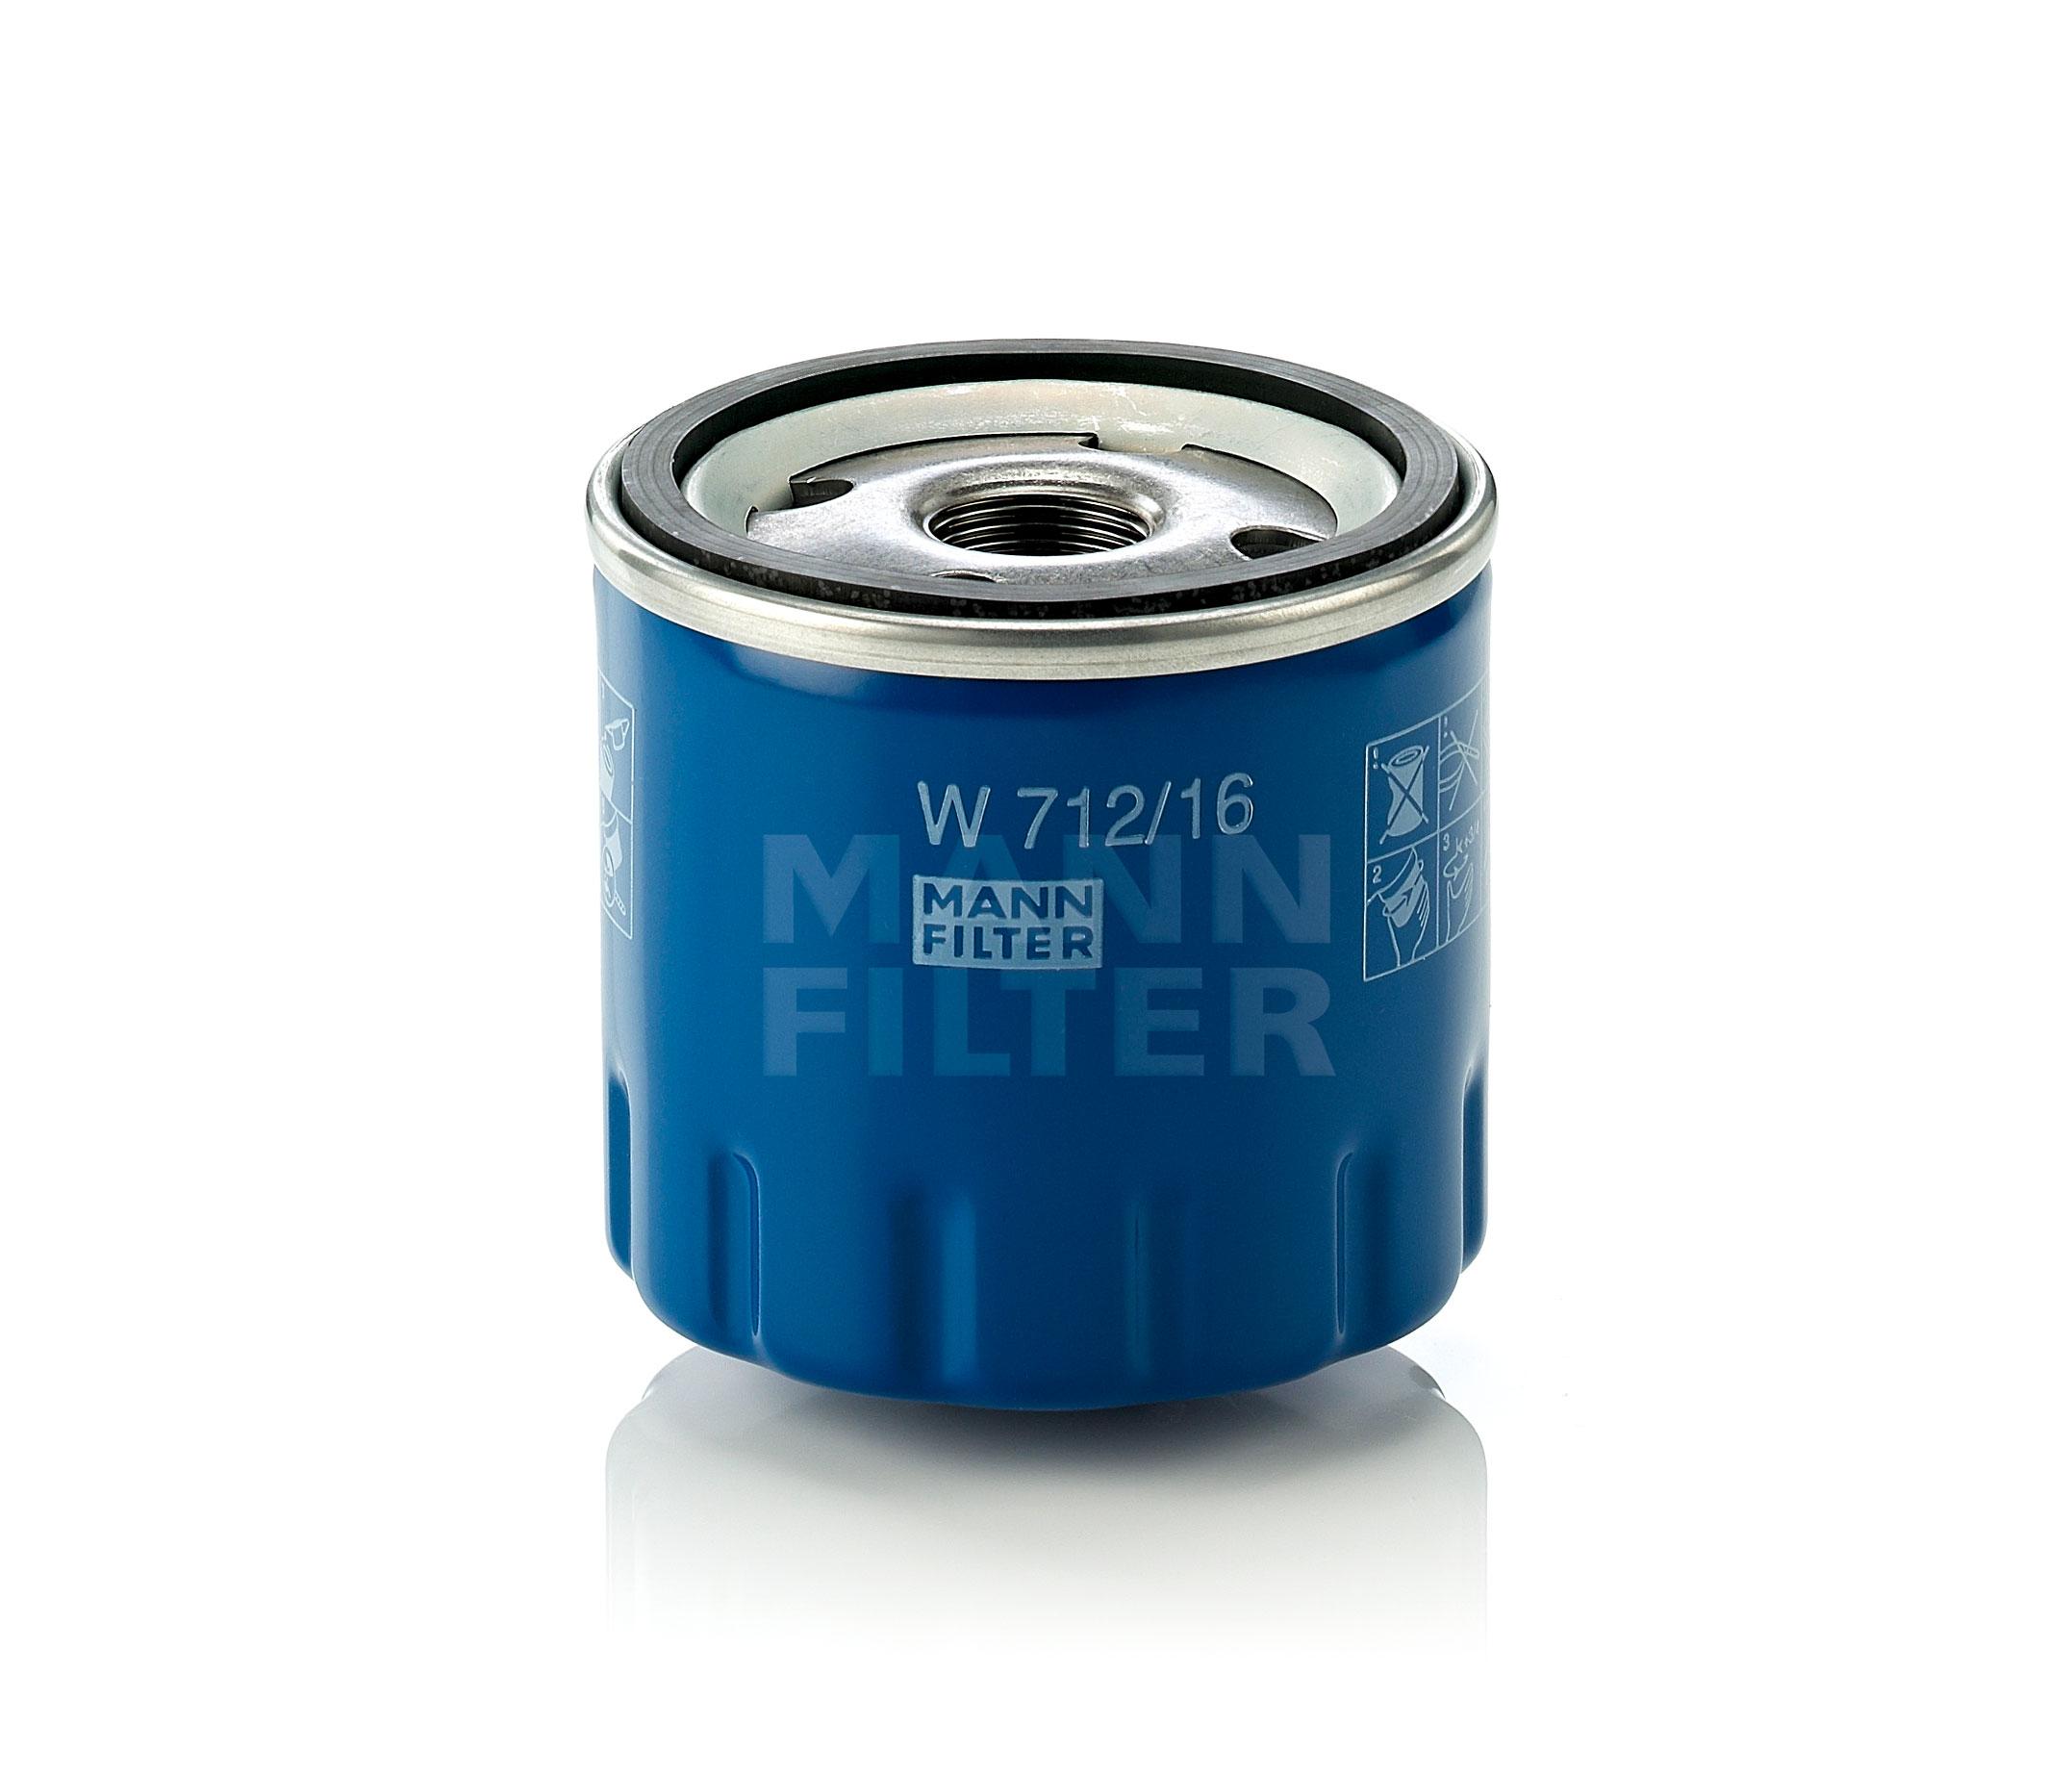 MANN Oil Filter W712/16 Fits Alfa Romeo 147 2.0 16V Twin